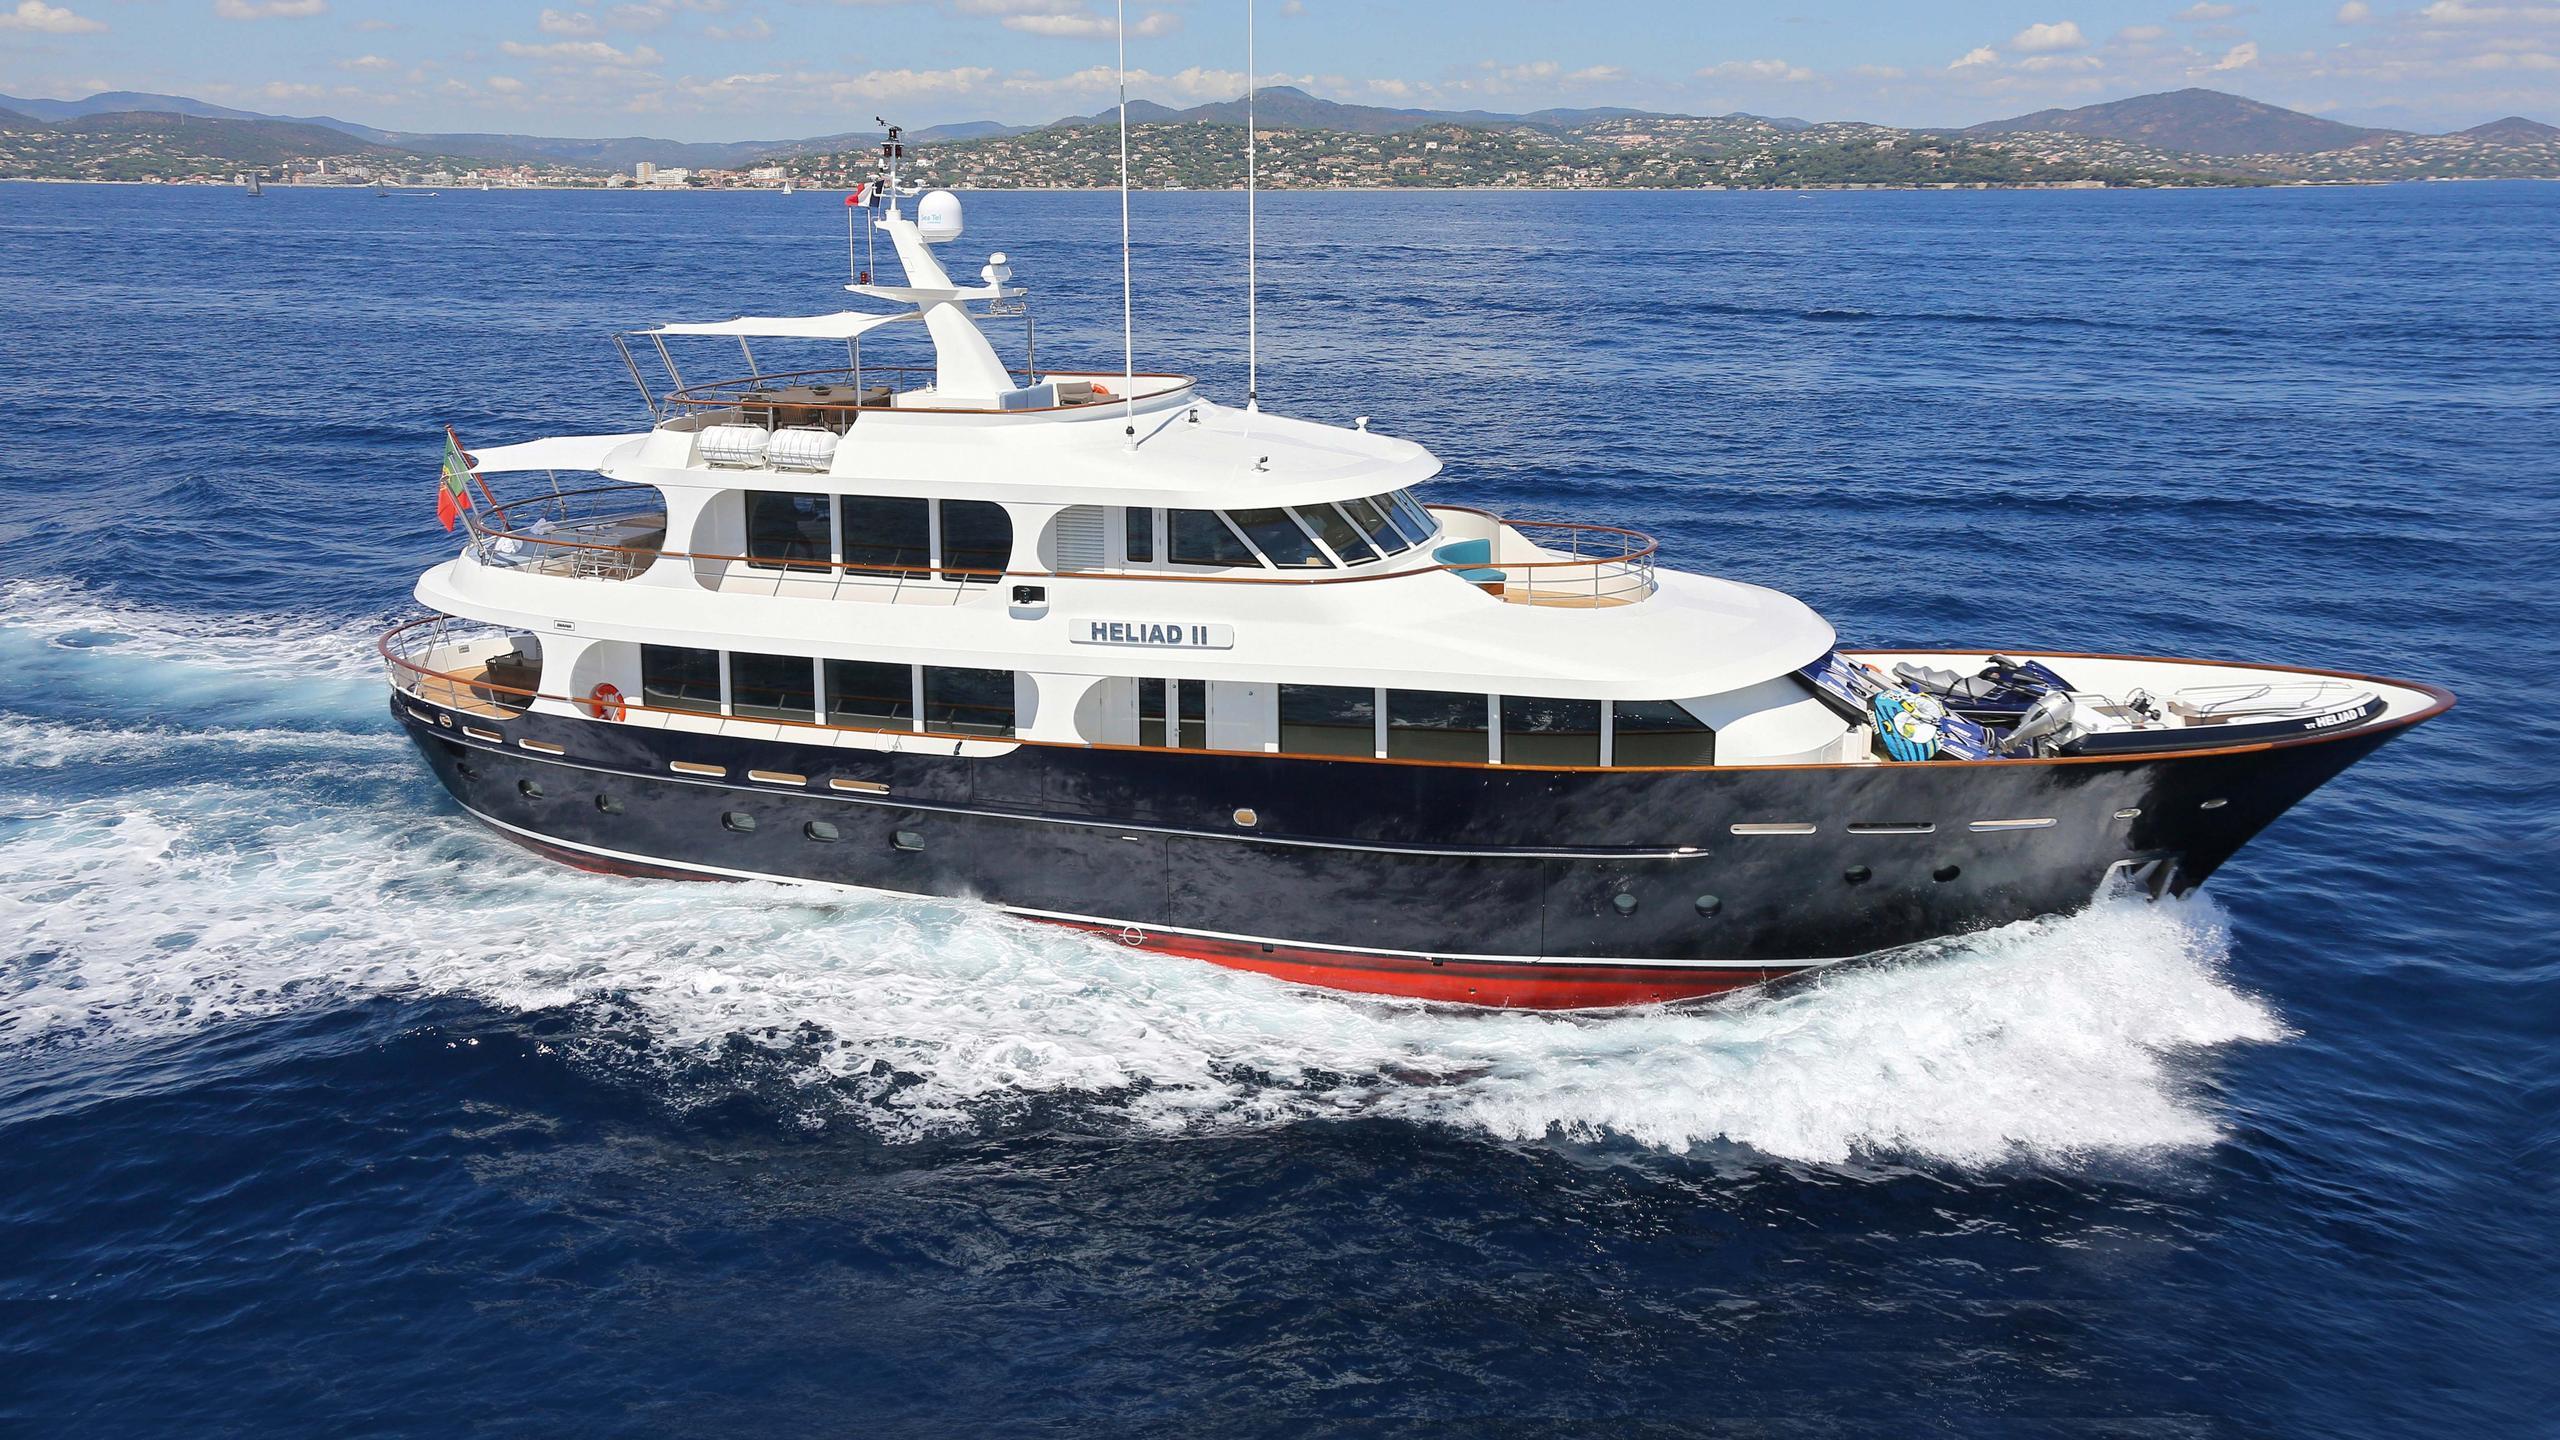 robbie-bobby-heliad-ii-motor-yacht-lynx-2013-33m-cruising